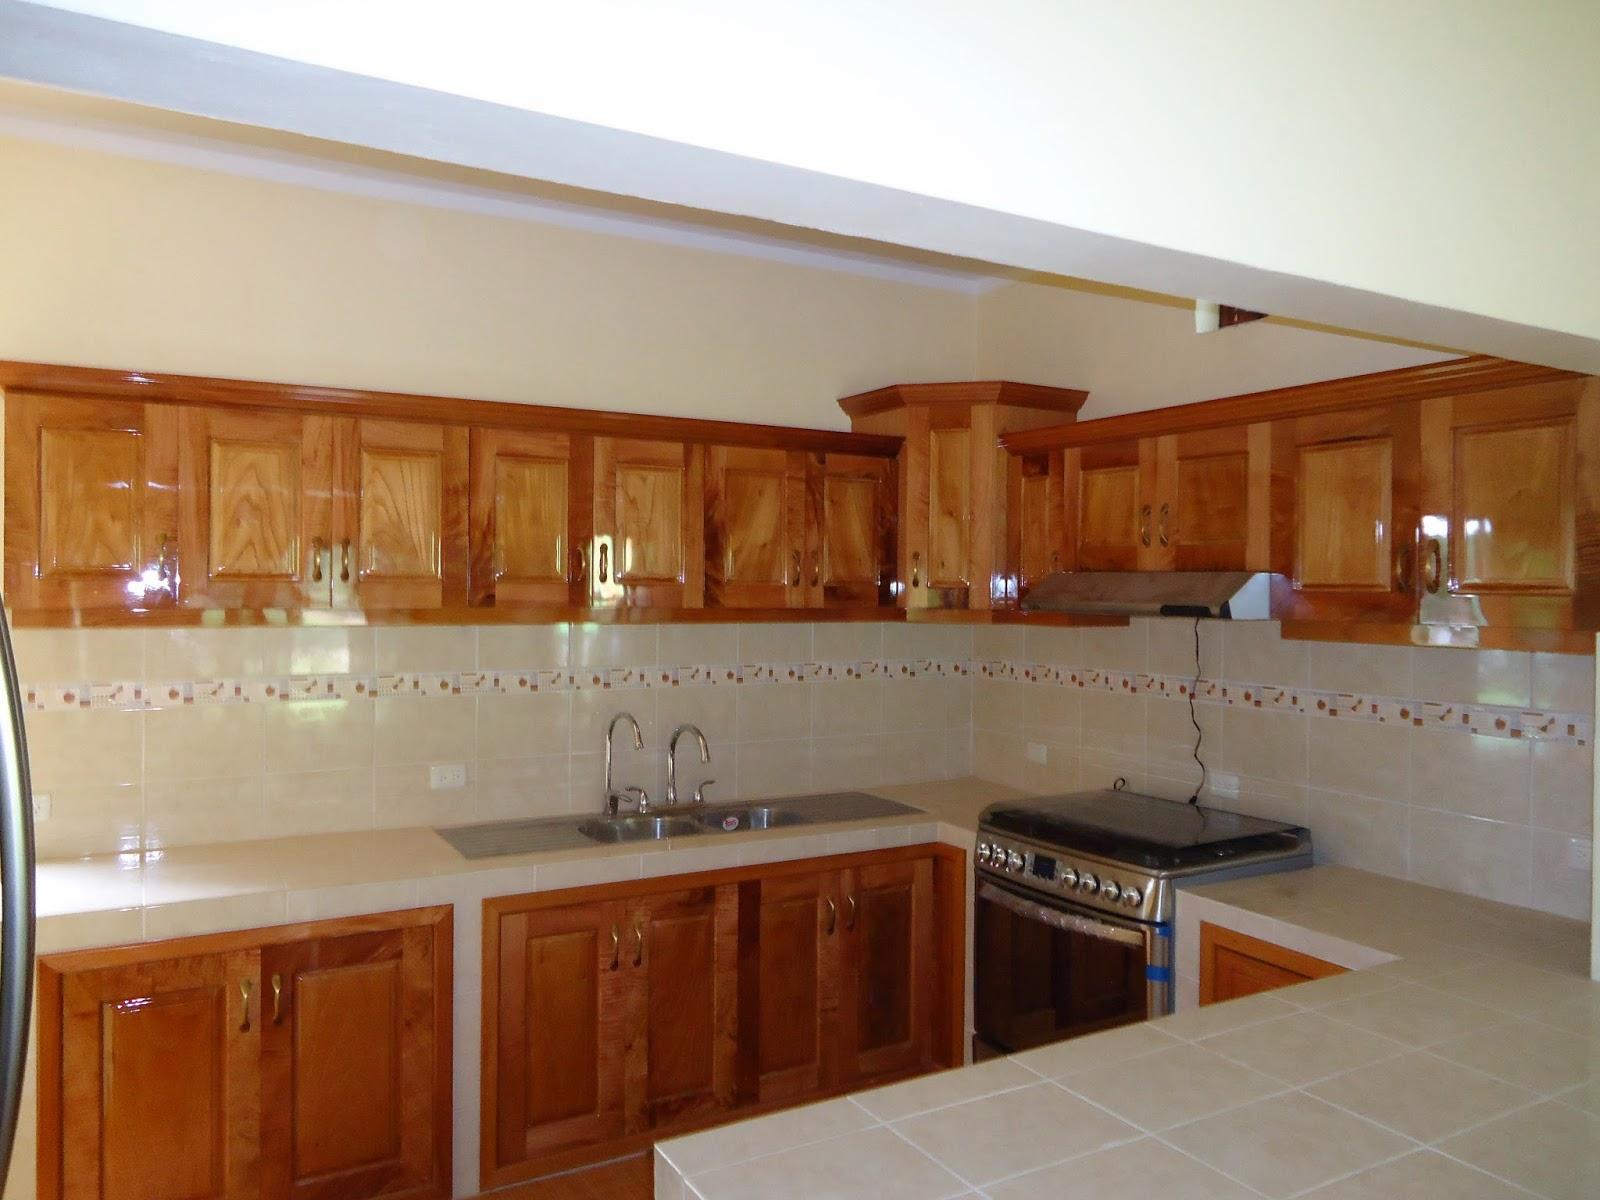 Muebles de cocina en madera cedro ideas for Cocinas tradicionales